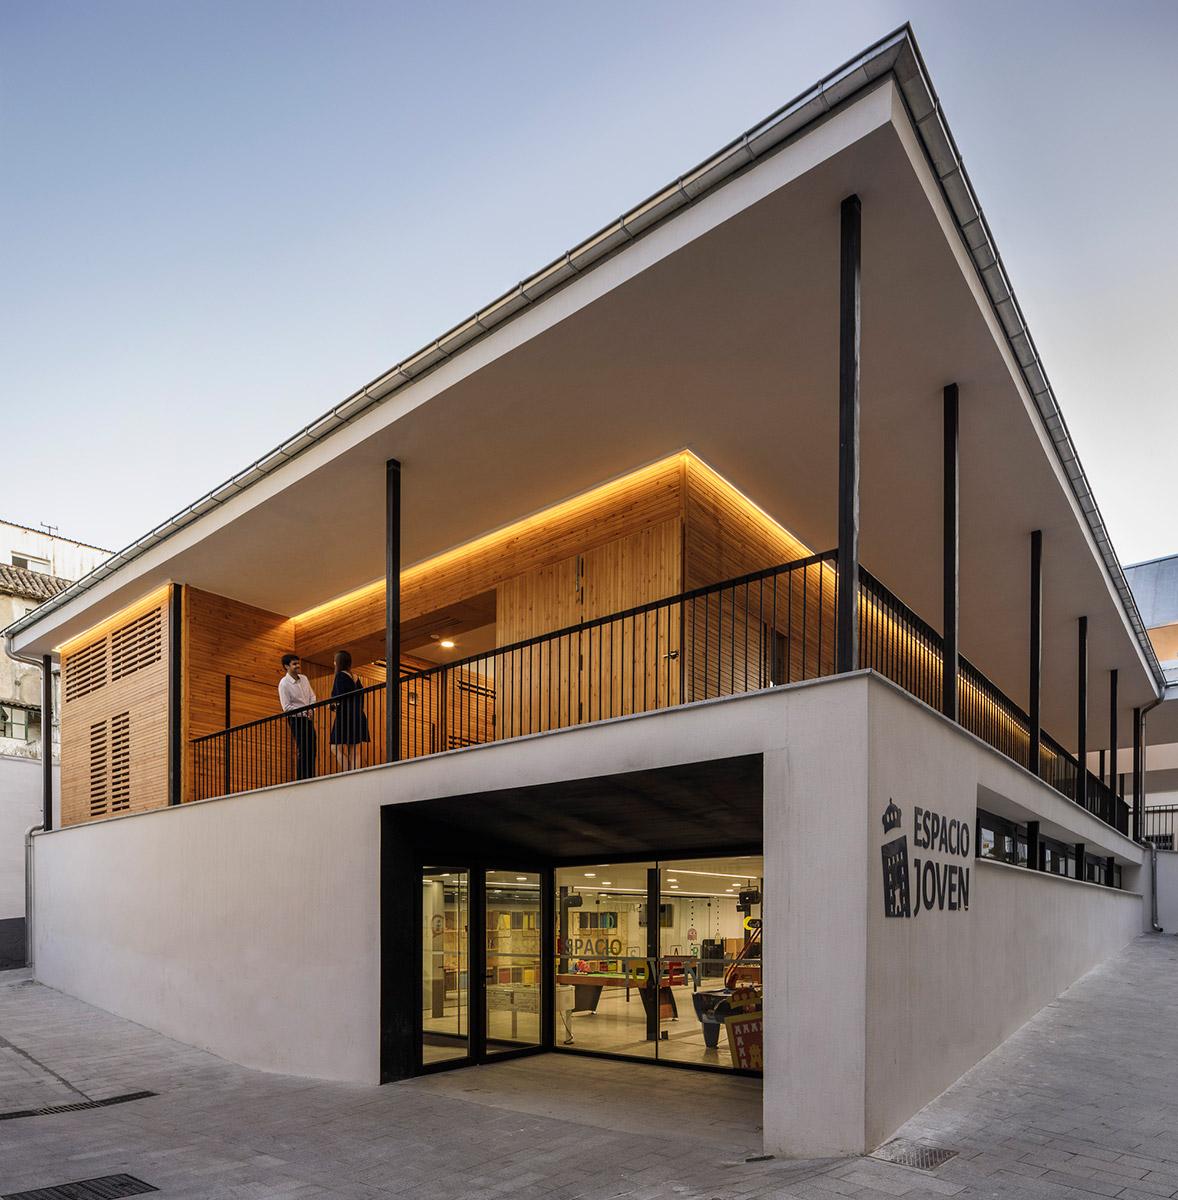 Mercado-Municipal-Baza-Acrono-Arquitectura-Blanca-Esteras-Serrano-02